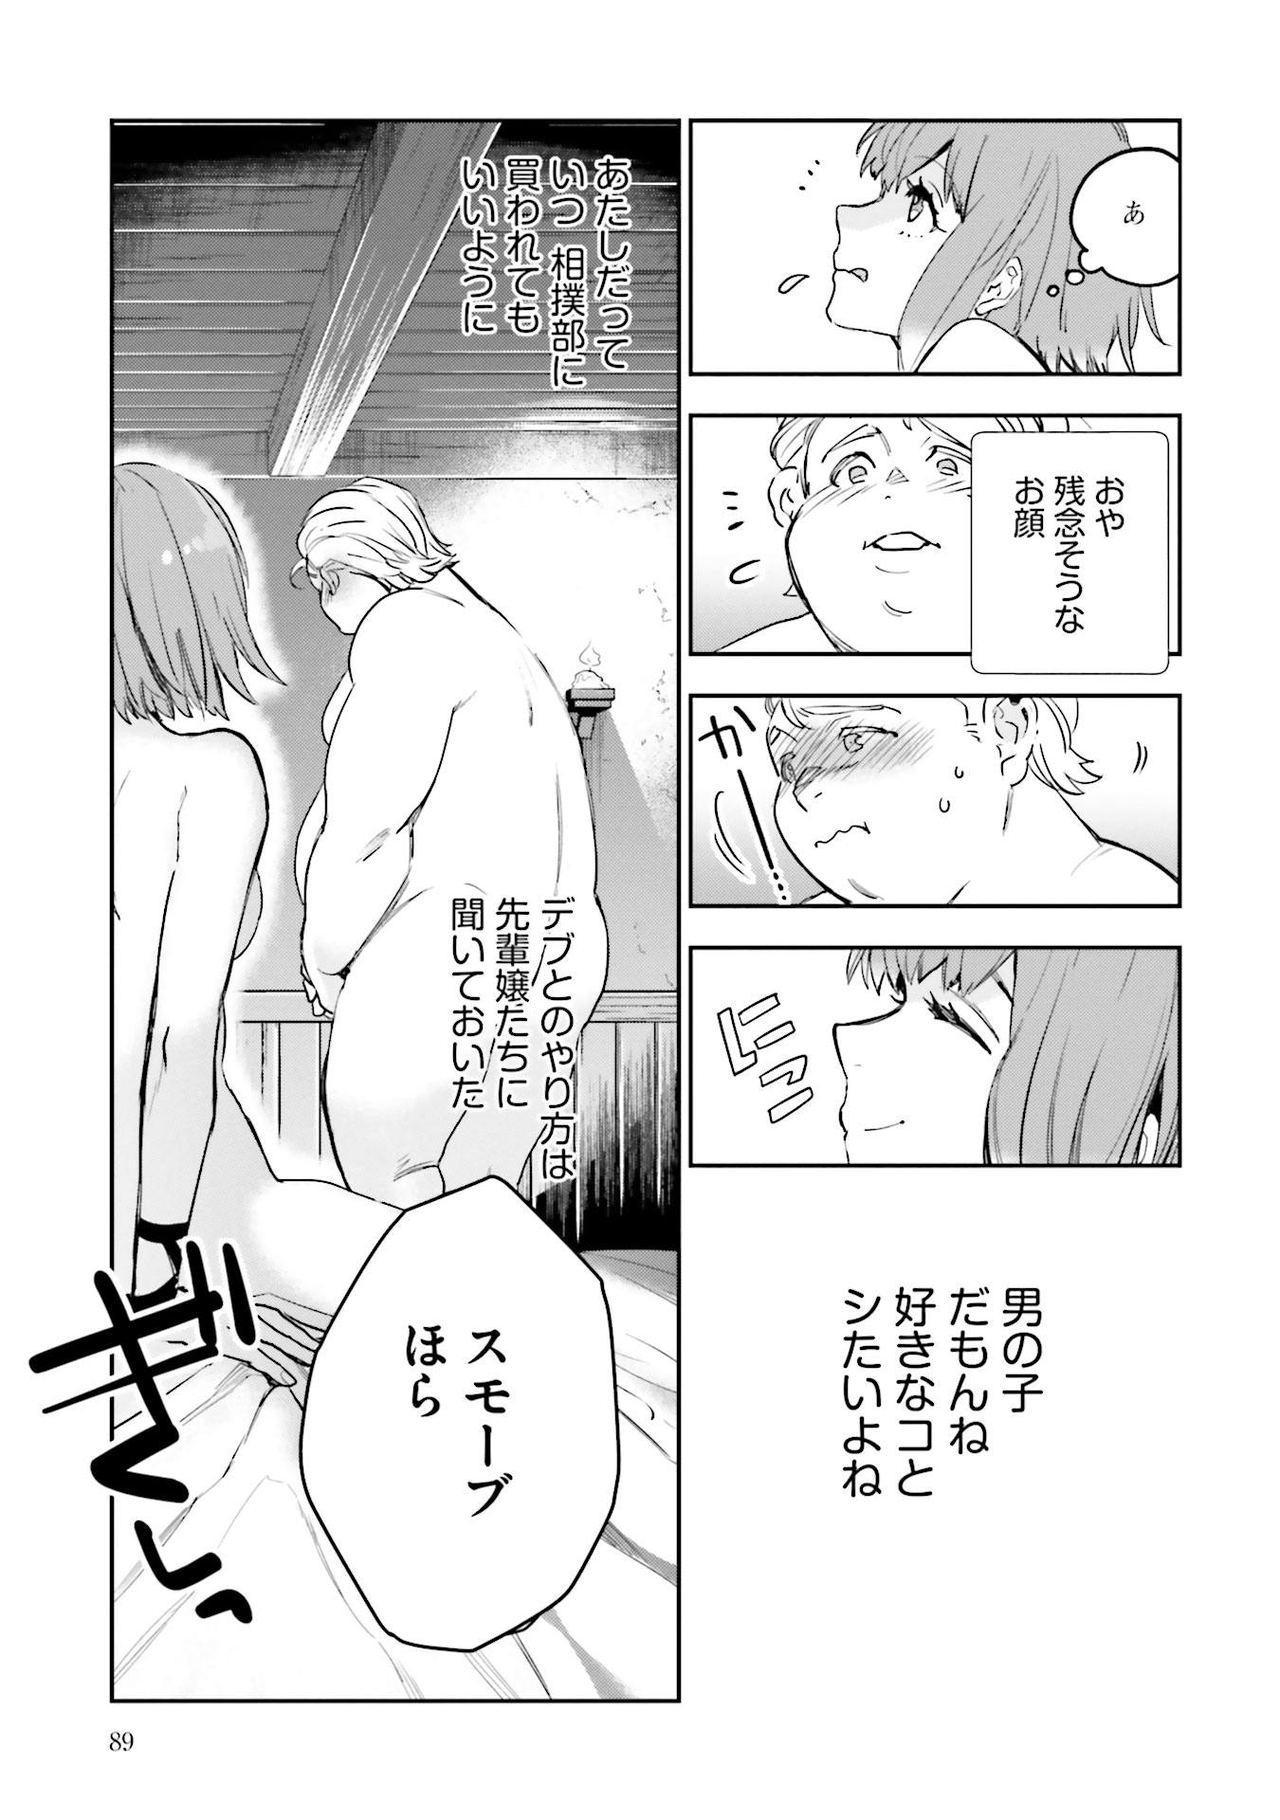 JK Haru wa Isekai de Shoufu ni Natta 1-14 277